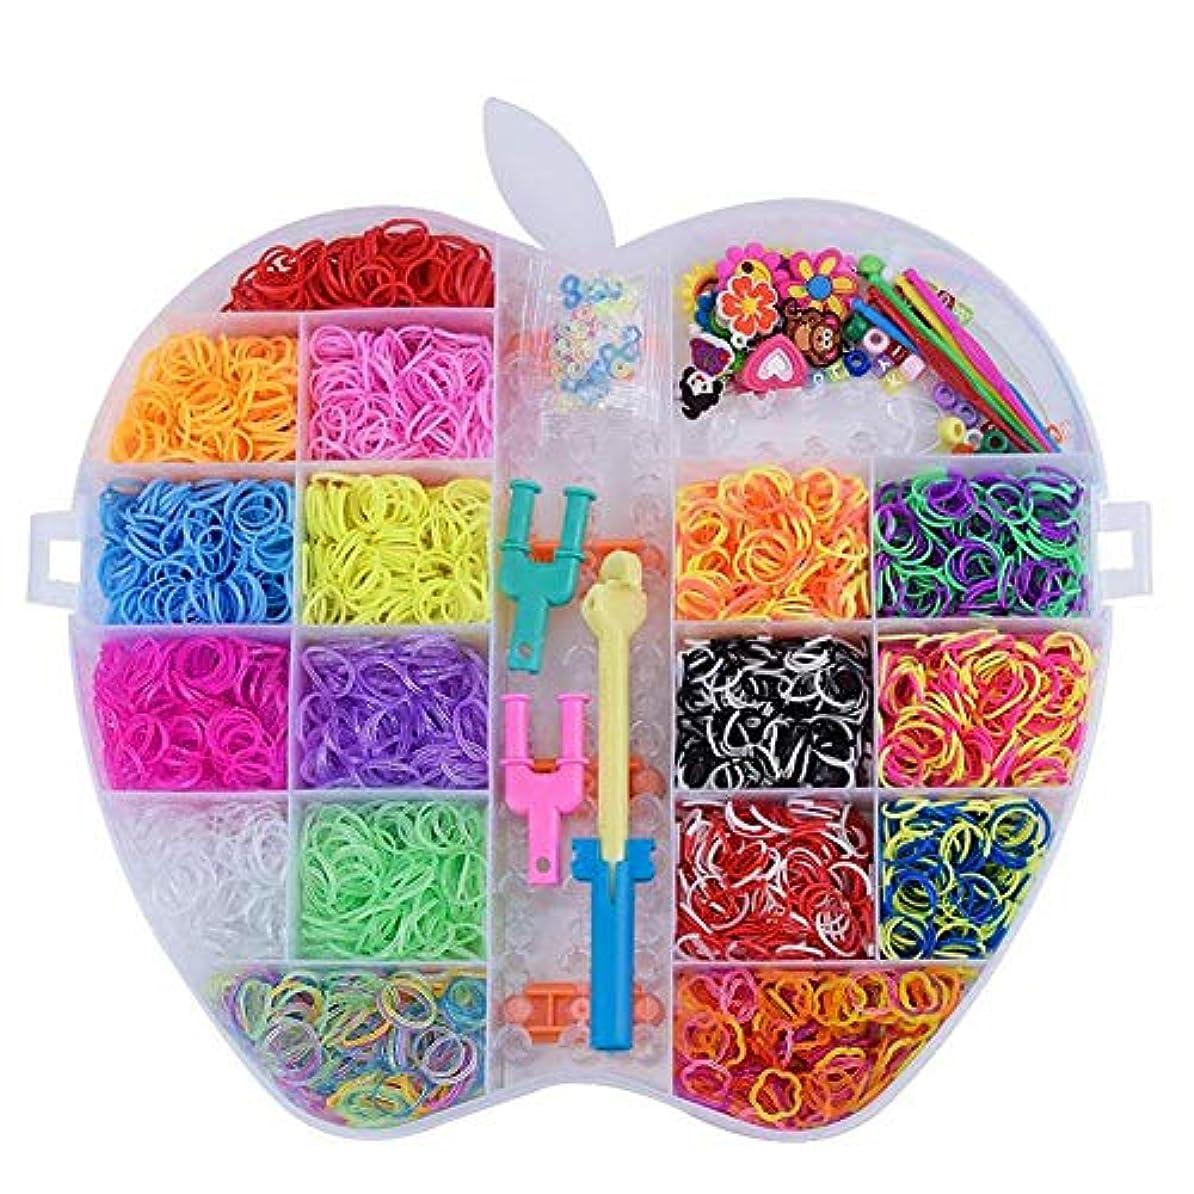 慣れる継承成人期HatesinesレインボーラバーバンドDIY子供用ニット玩具補助織機セット6000PCS